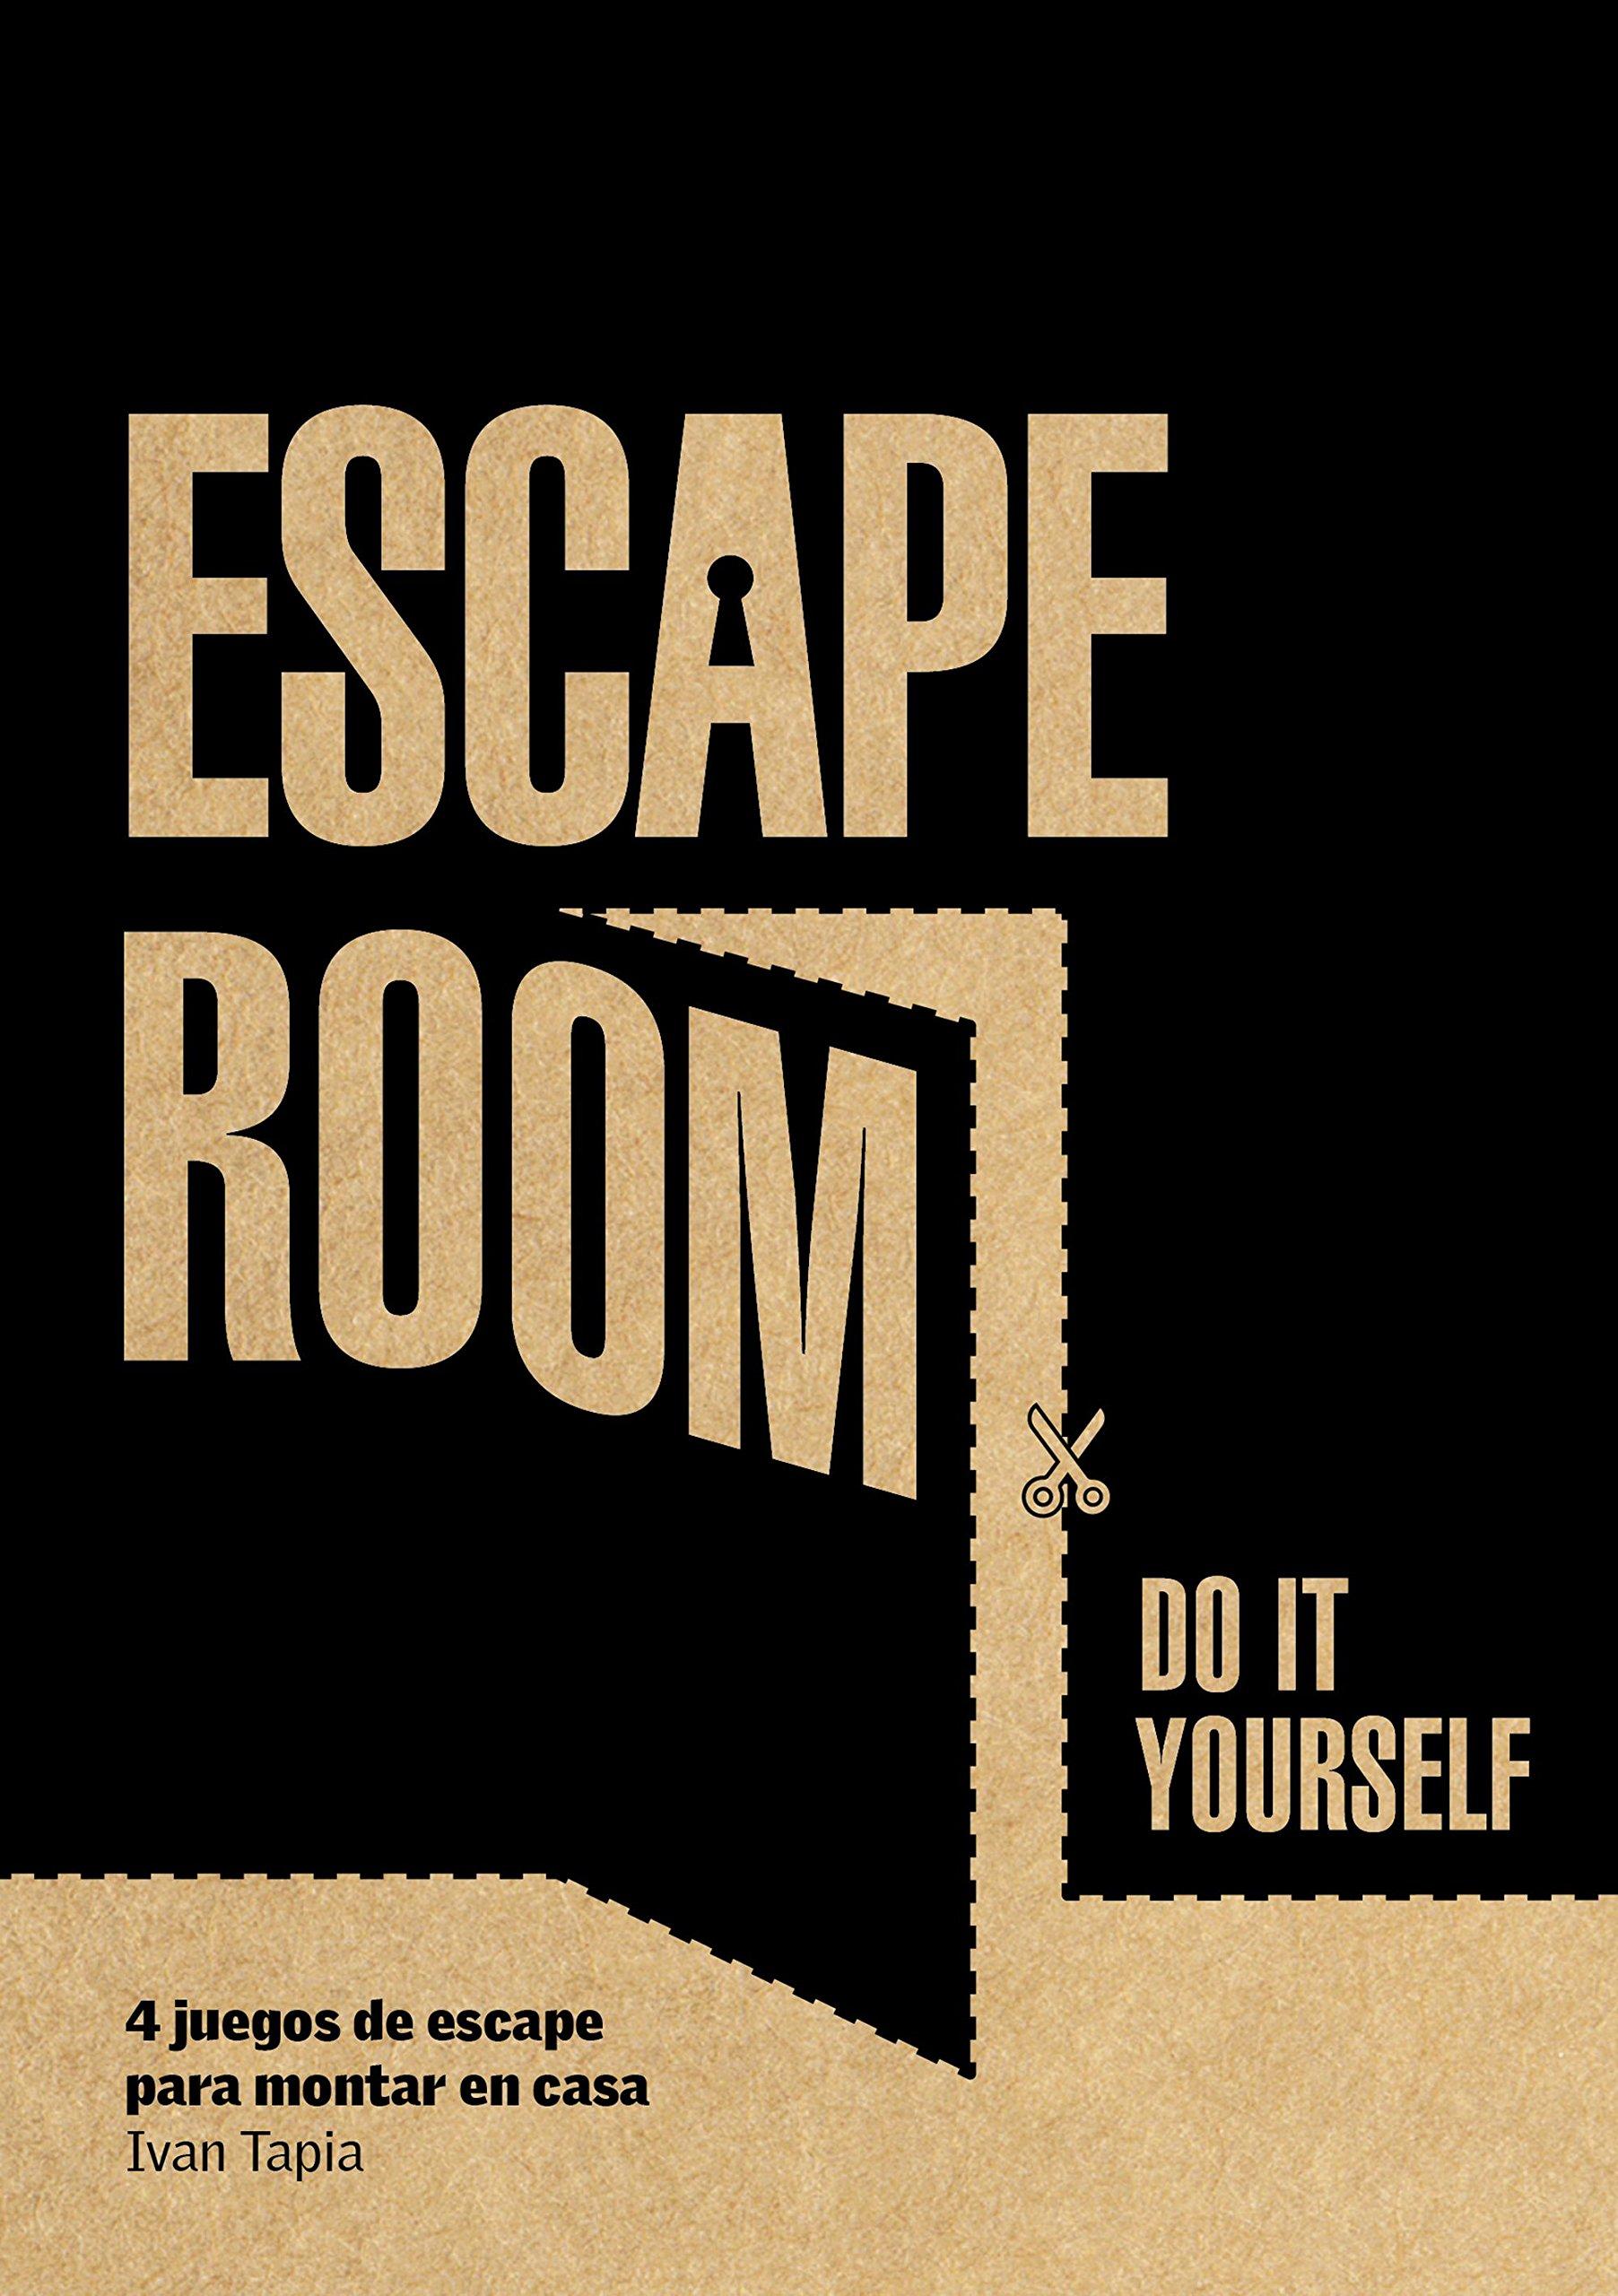 Escape room. Do it yourself: 4 juegos de escape para montar en ...